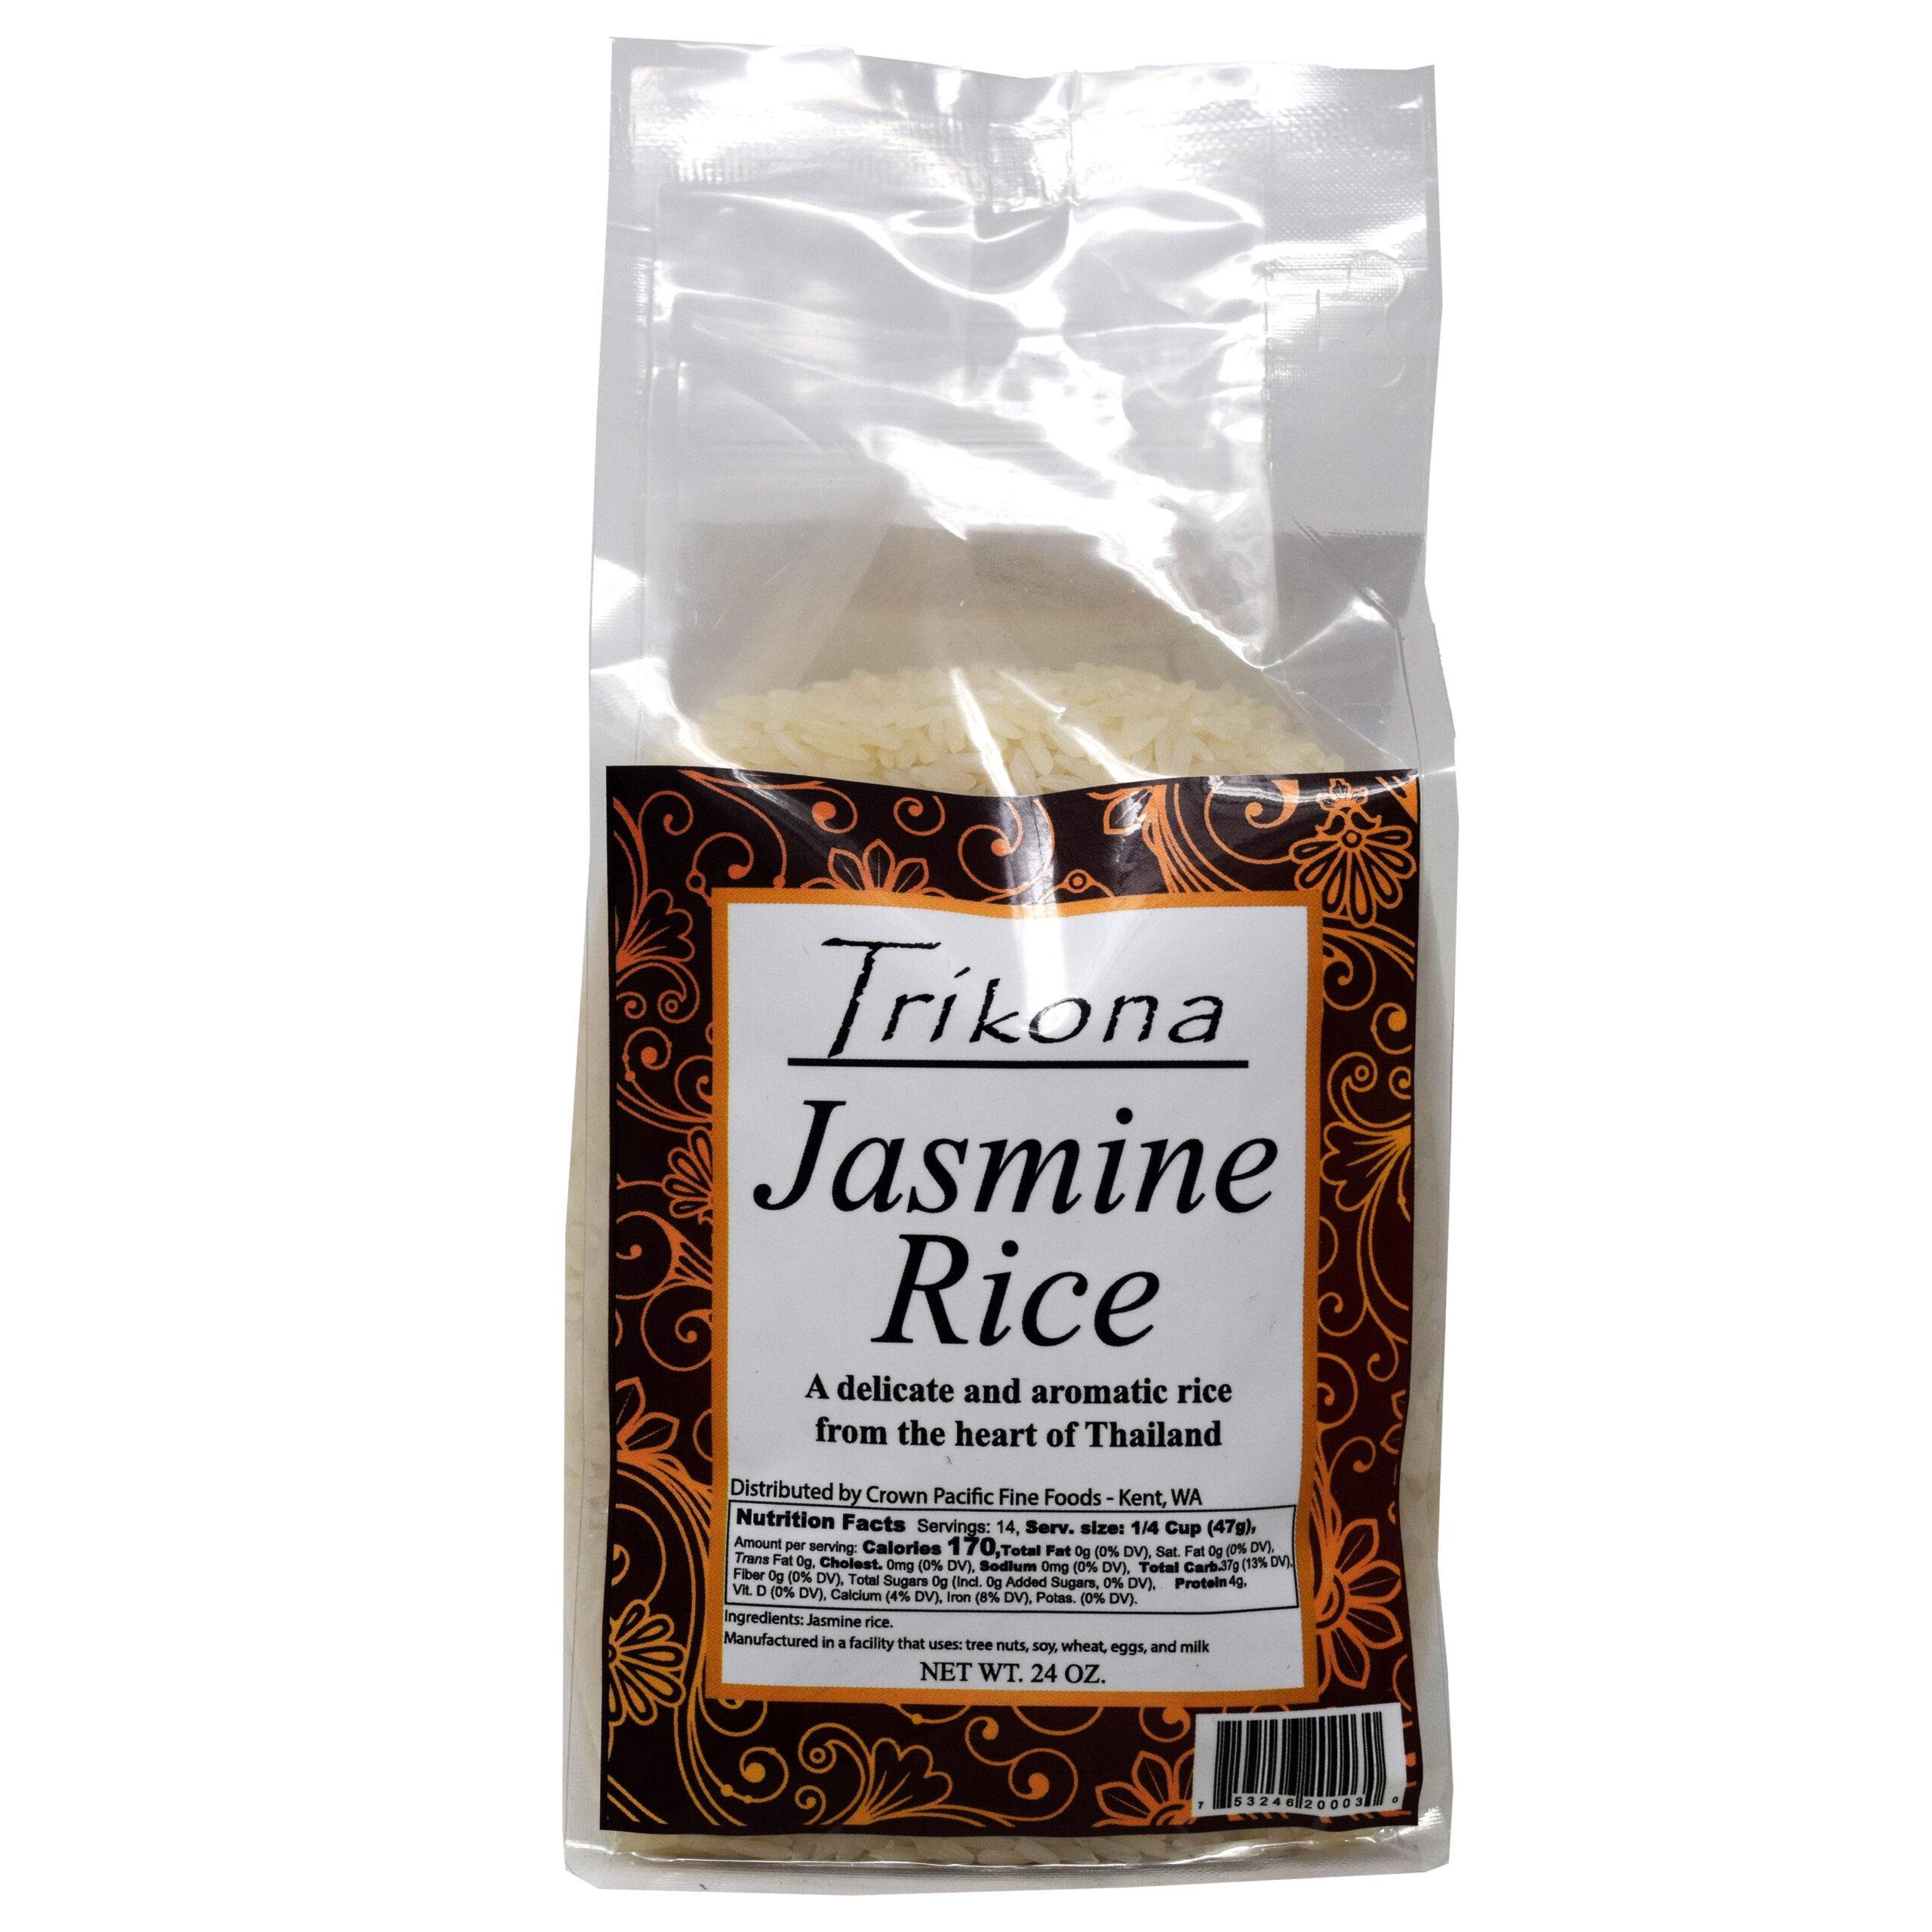 Trikona Jasmine Rice